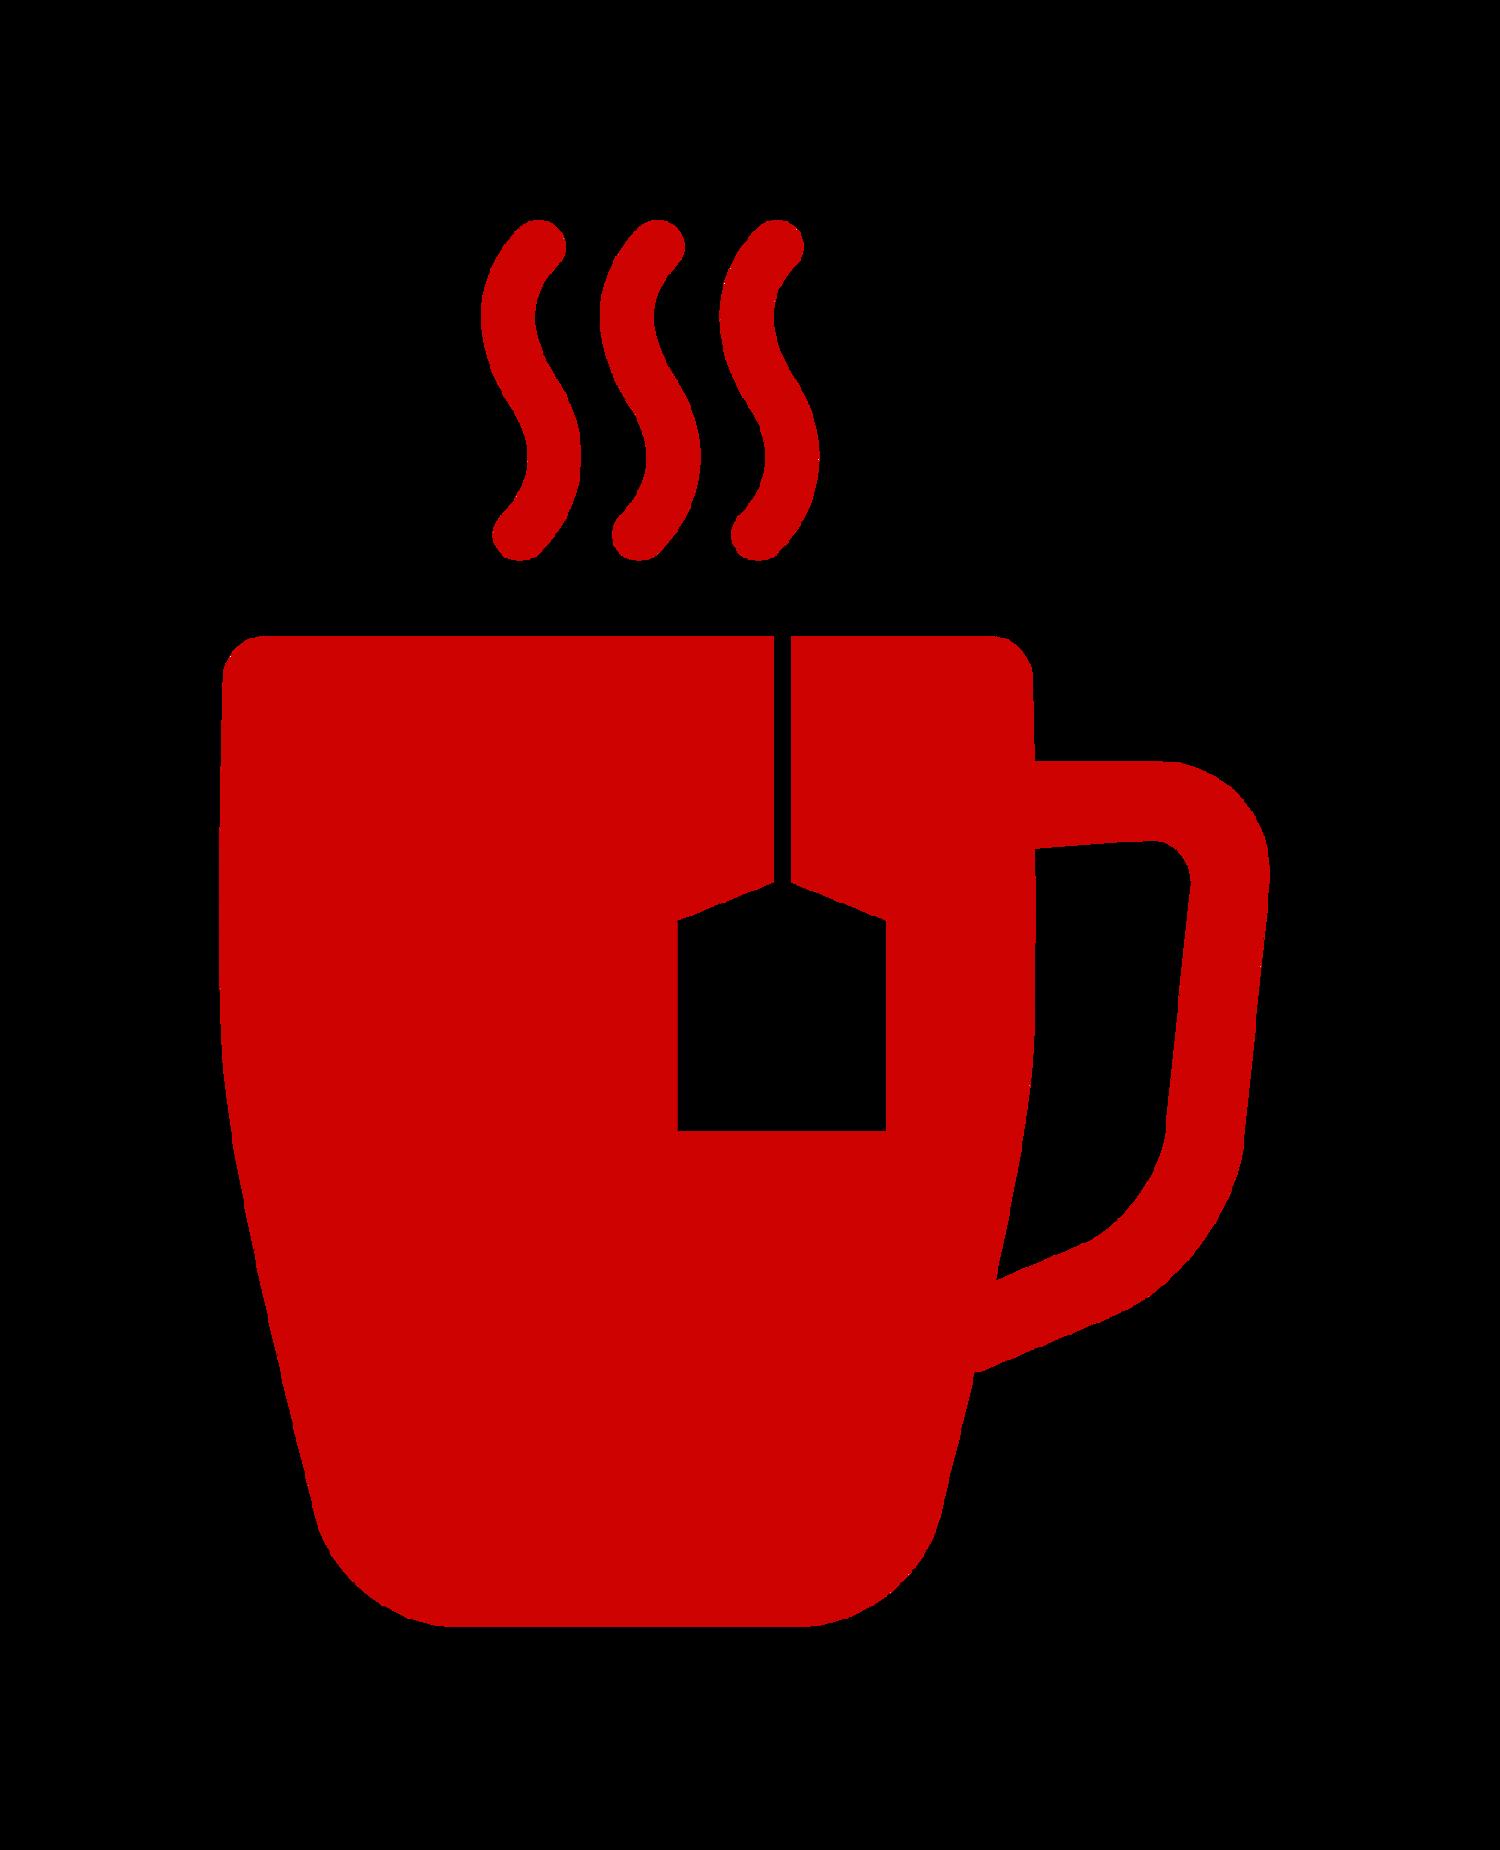 Tea clipart tea toast. With bvp